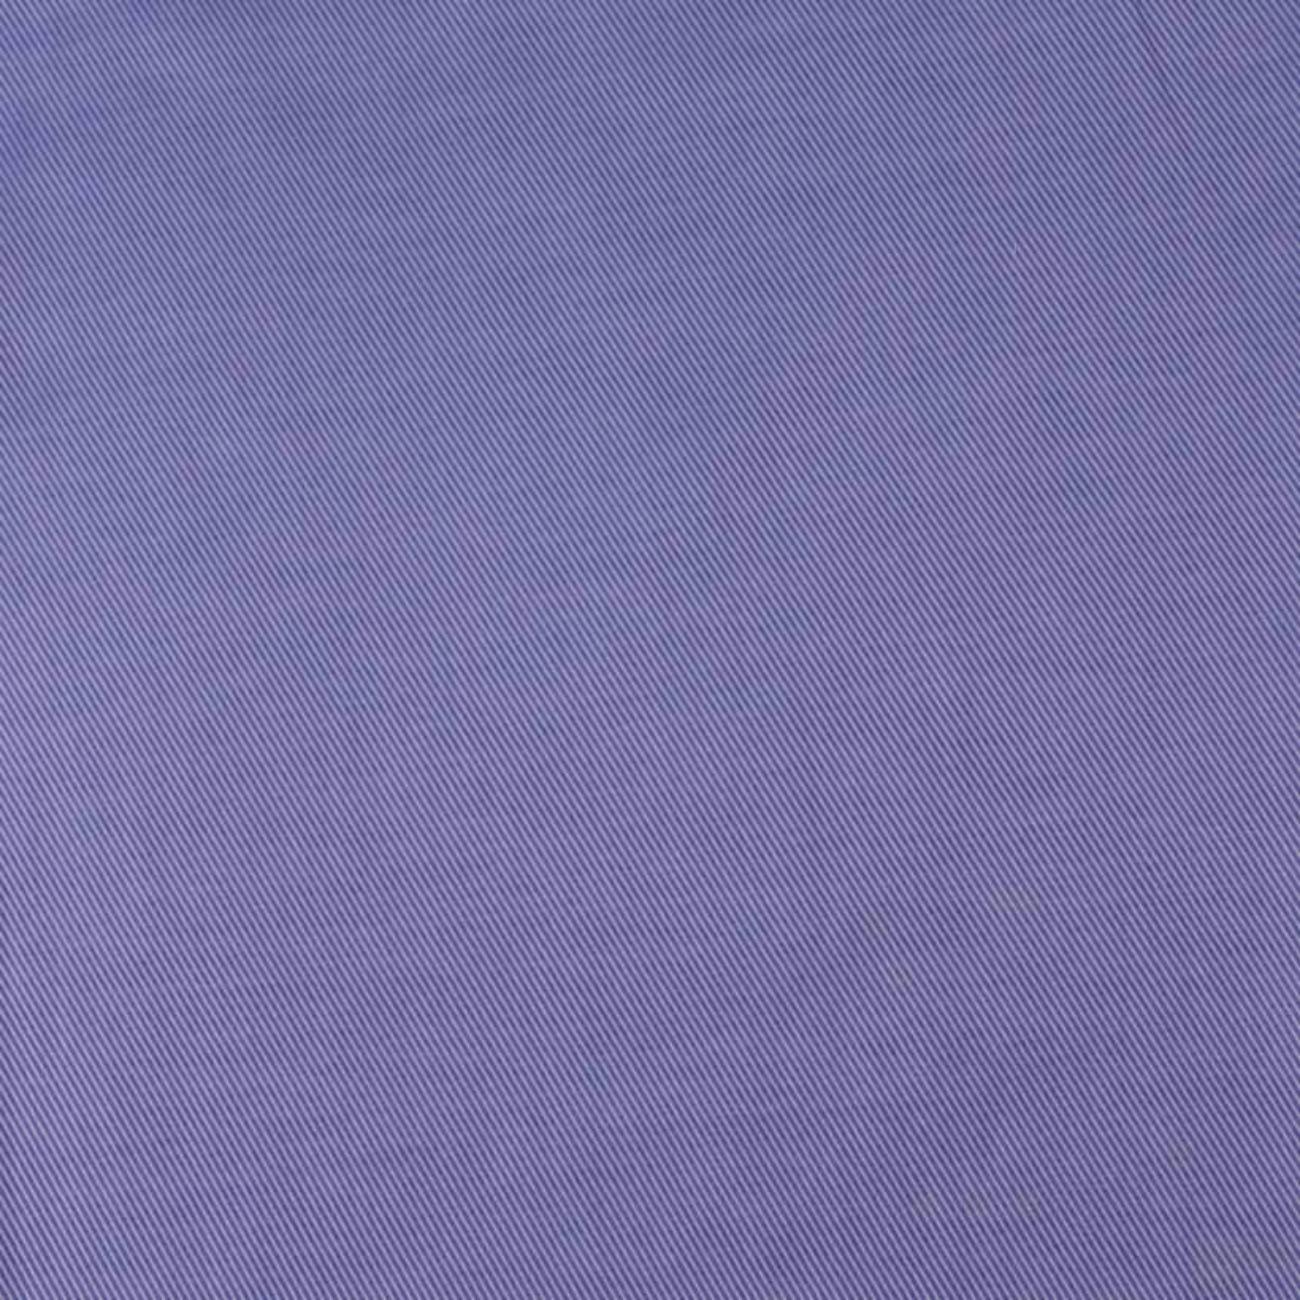 现货斜纹条子梭织色织提花低弹休闲时尚风格 衬衫 连衣裙 短裙 棉感 60929-19